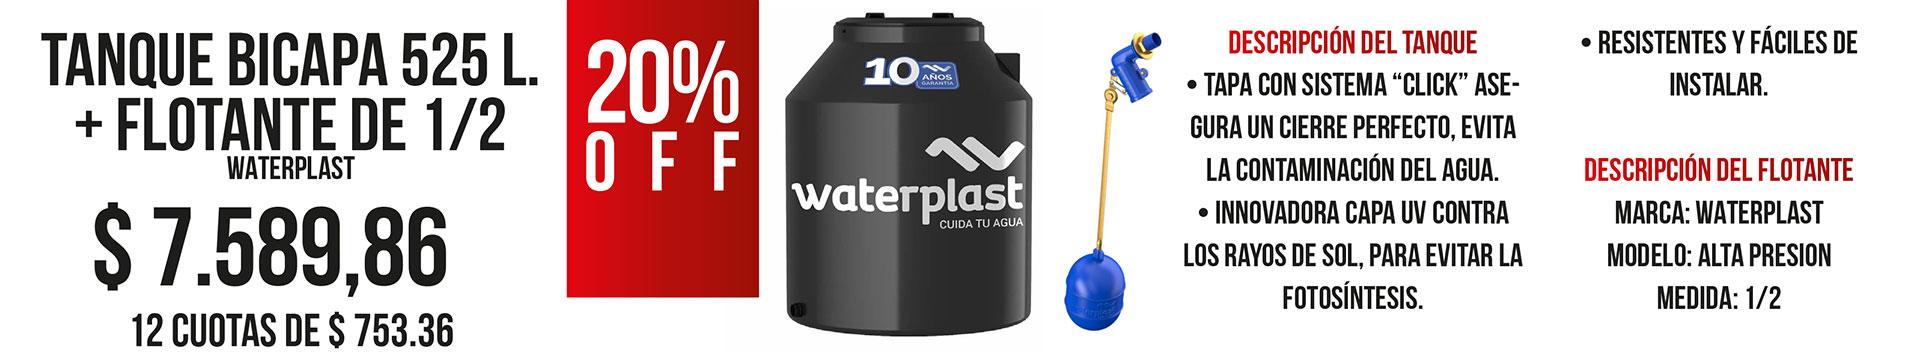 Tanque Bicapa Waterplast 525 Litros + Flotante de 1/2